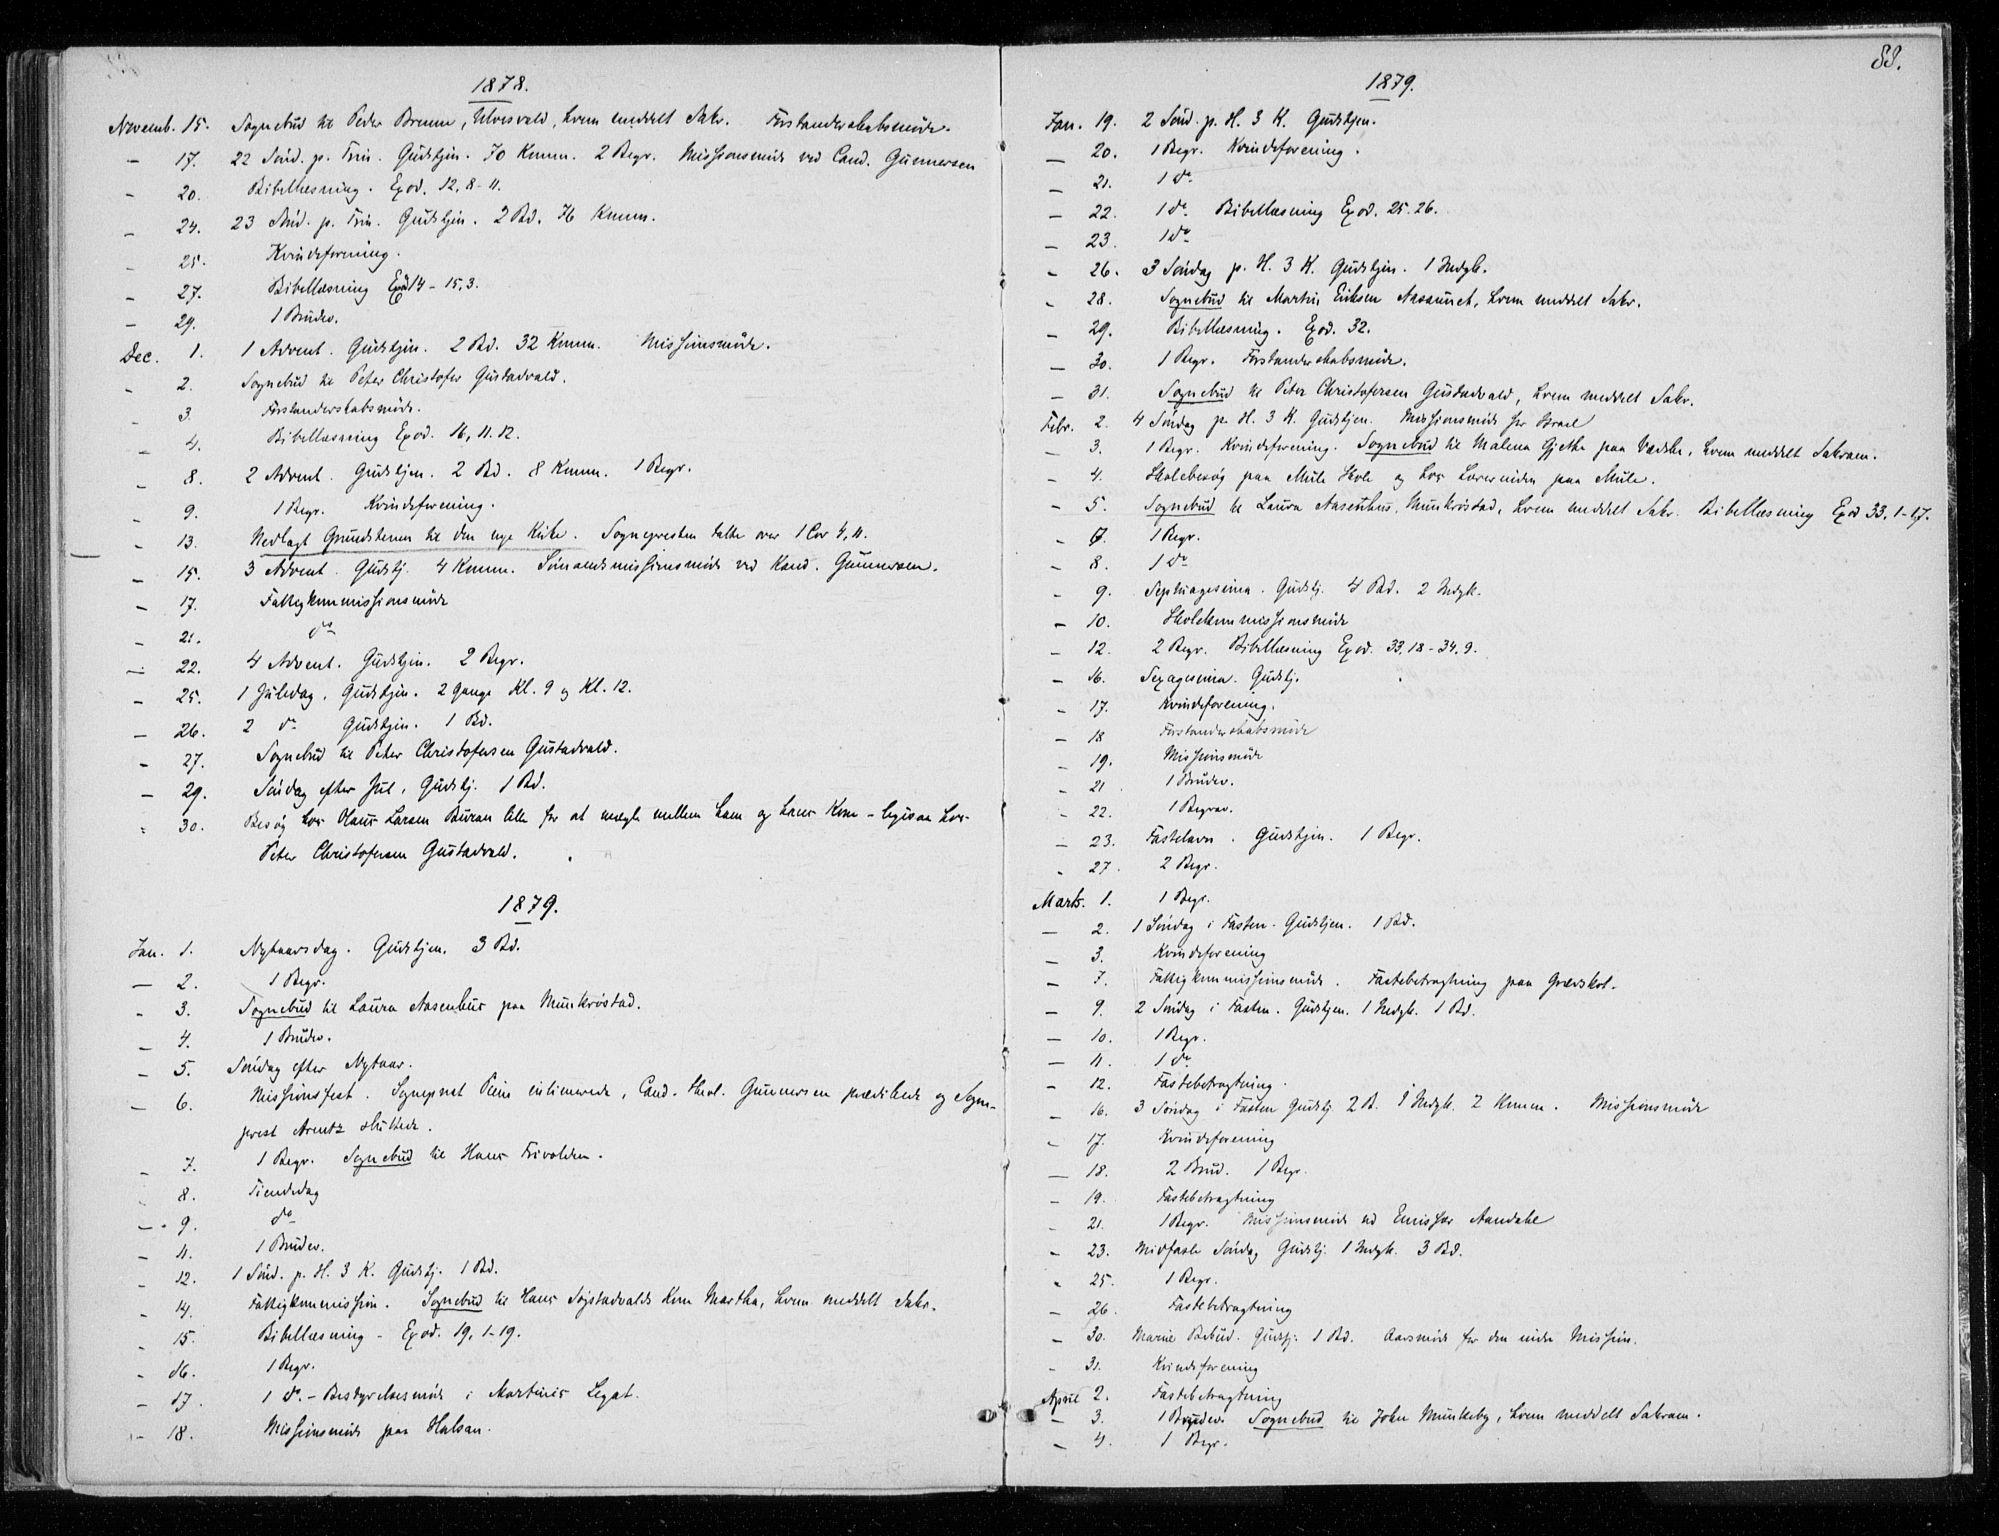 SAT, Ministerialprotokoller, klokkerbøker og fødselsregistre - Nord-Trøndelag, 720/L0187: Ministerialbok nr. 720A04 /1, 1875-1879, s. 88